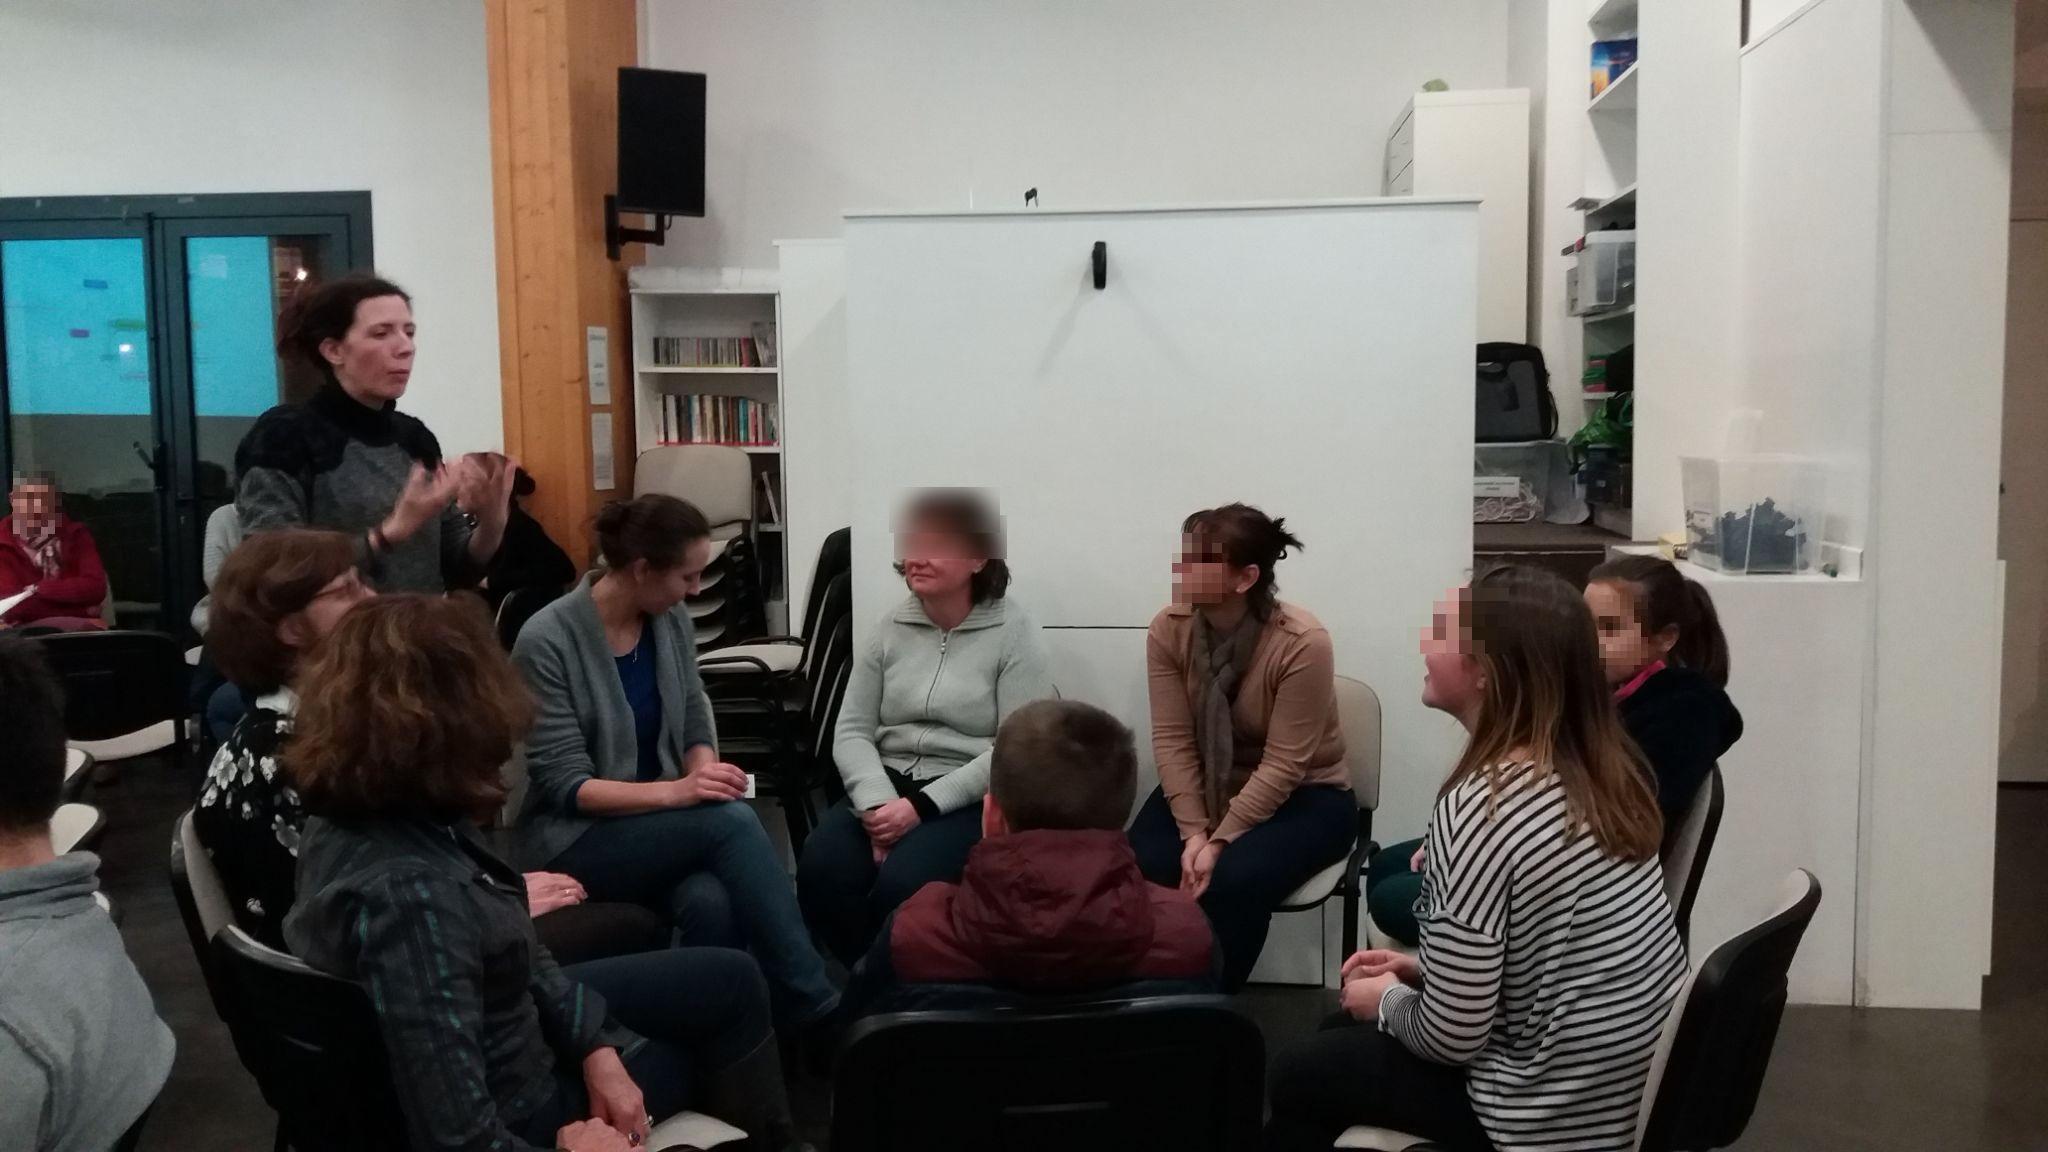 Lucie explique l'objectif de l'atelier.